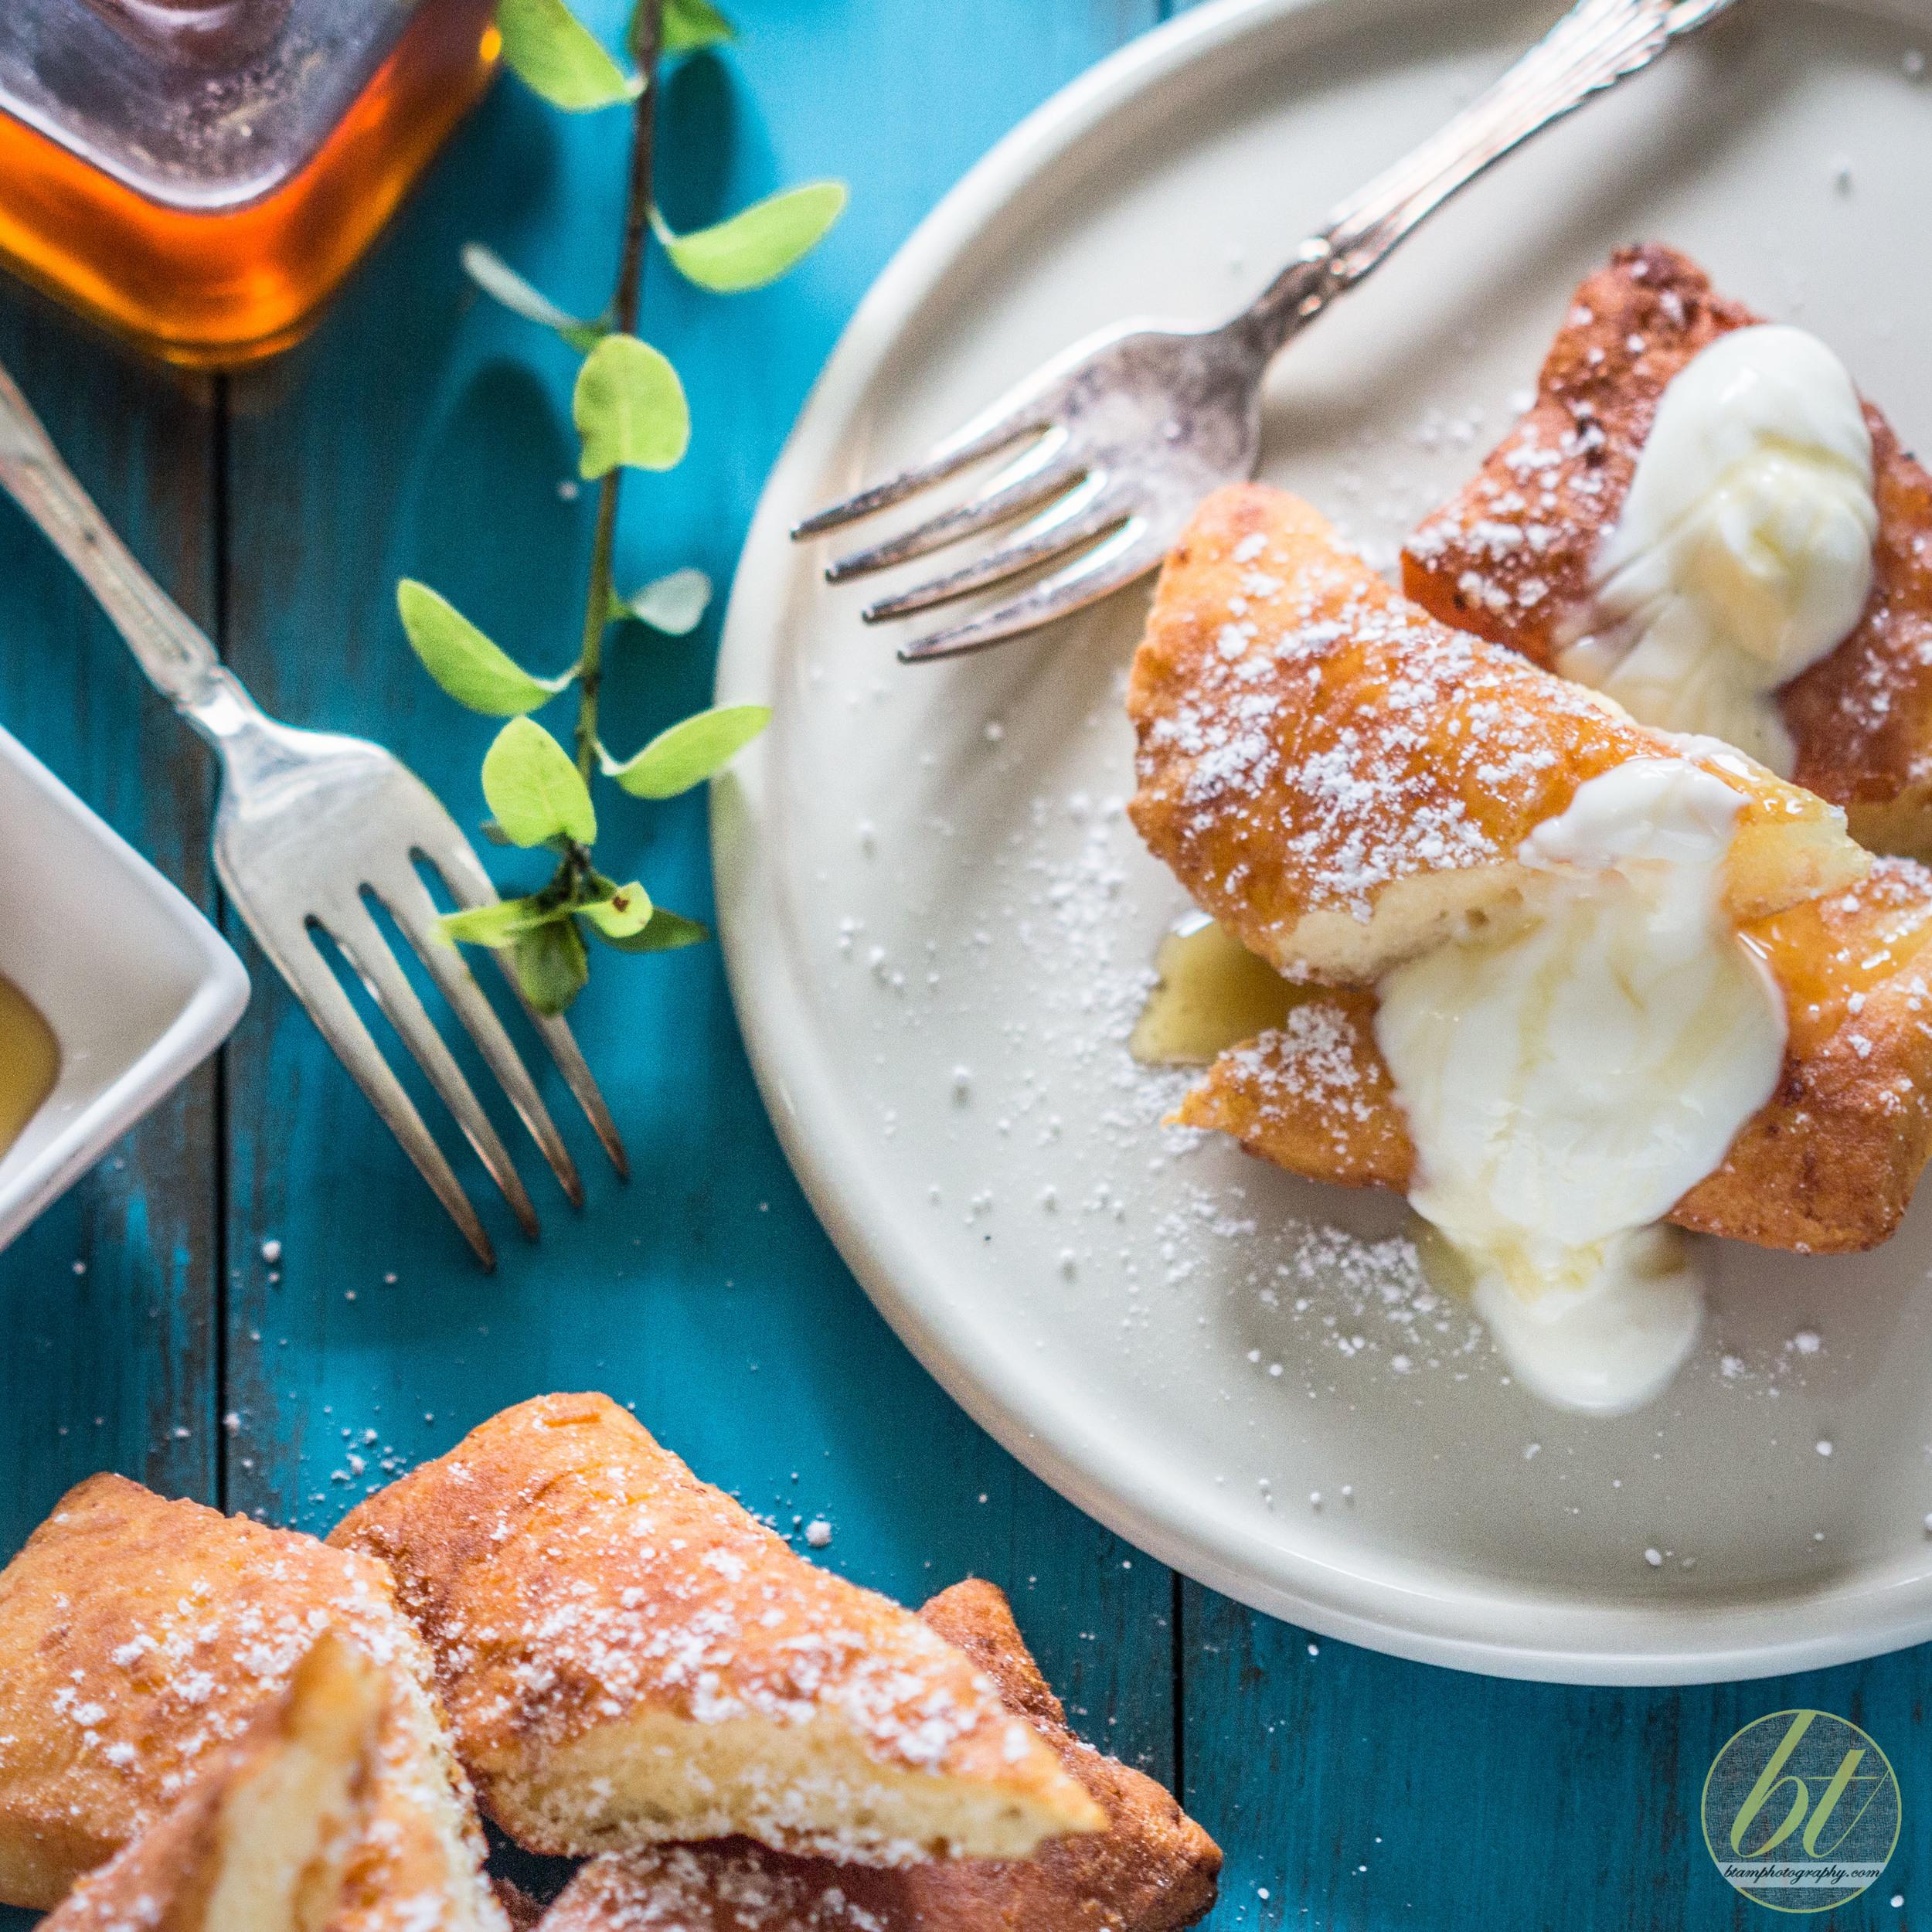 Ustipke - Bosnian fried pastry